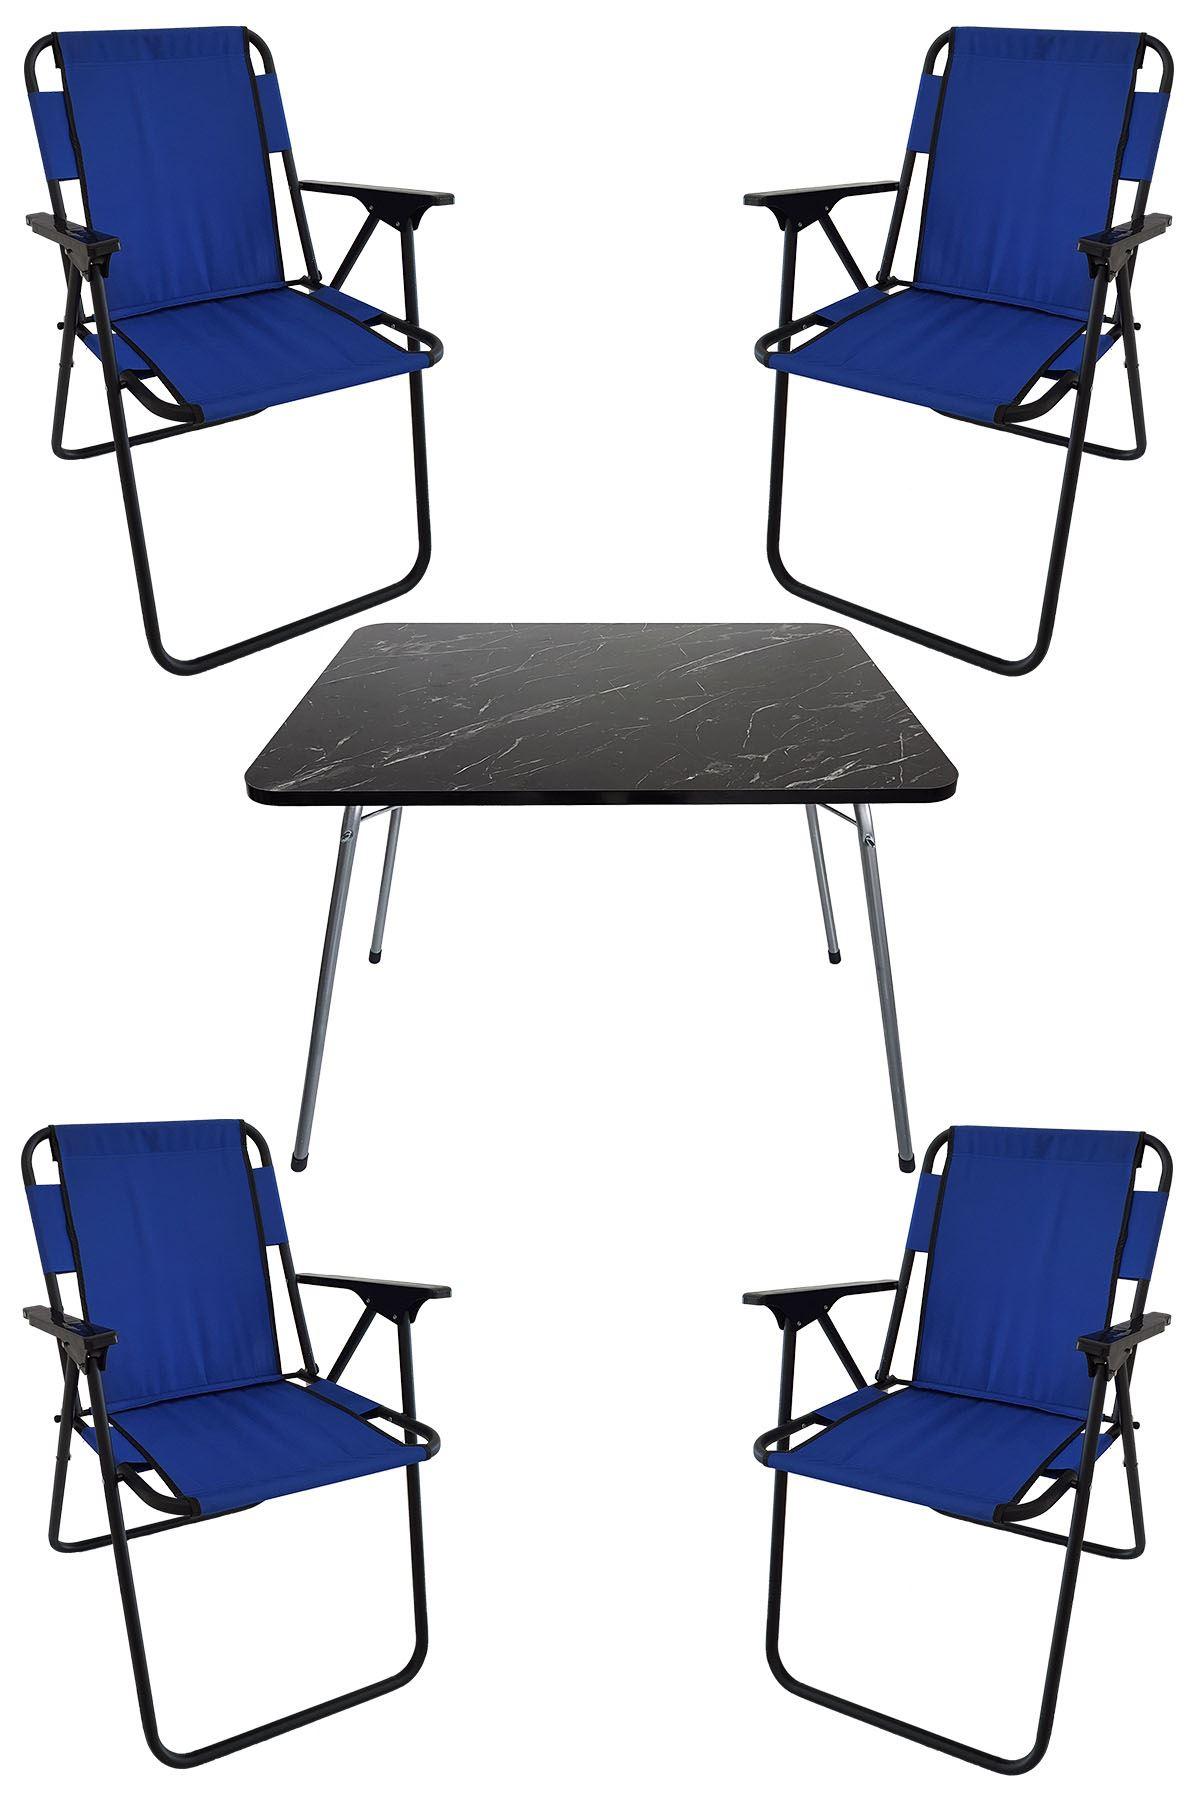 Bofigo 60X80 Granit Desenli Katlanır Masa + 4 Adet Katlanır Sandalye Kamp Seti Bahçe Takımı Mavi